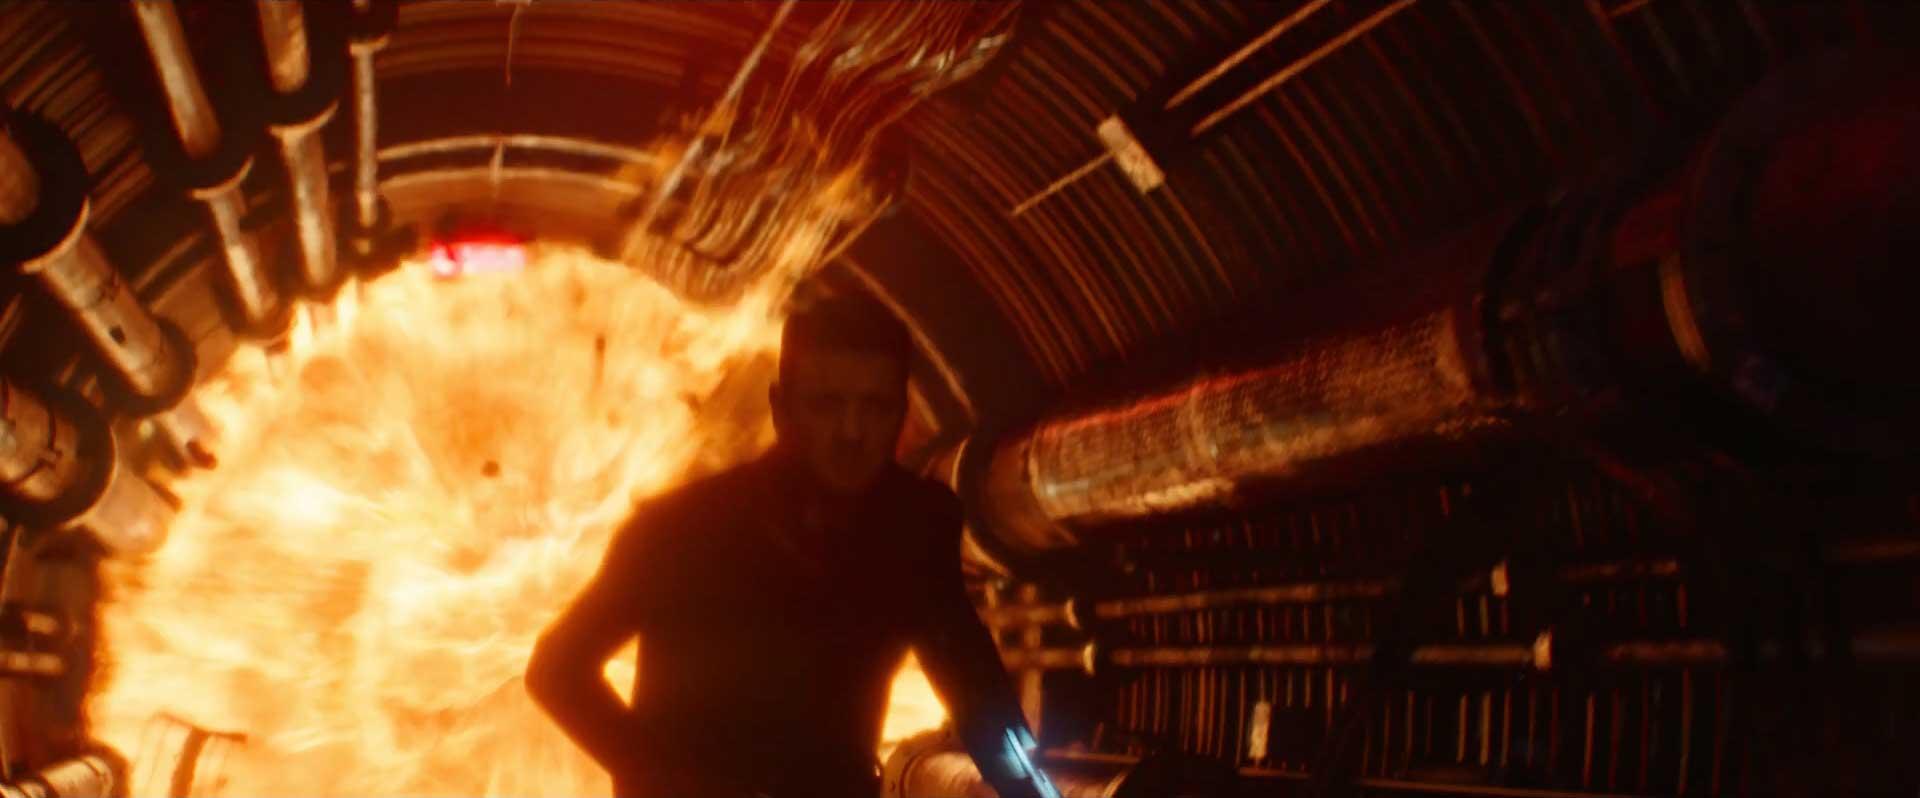 Avengers Endgame Trailer 2 Breakdown - Hawkeye Quantum Tunnel Explosion